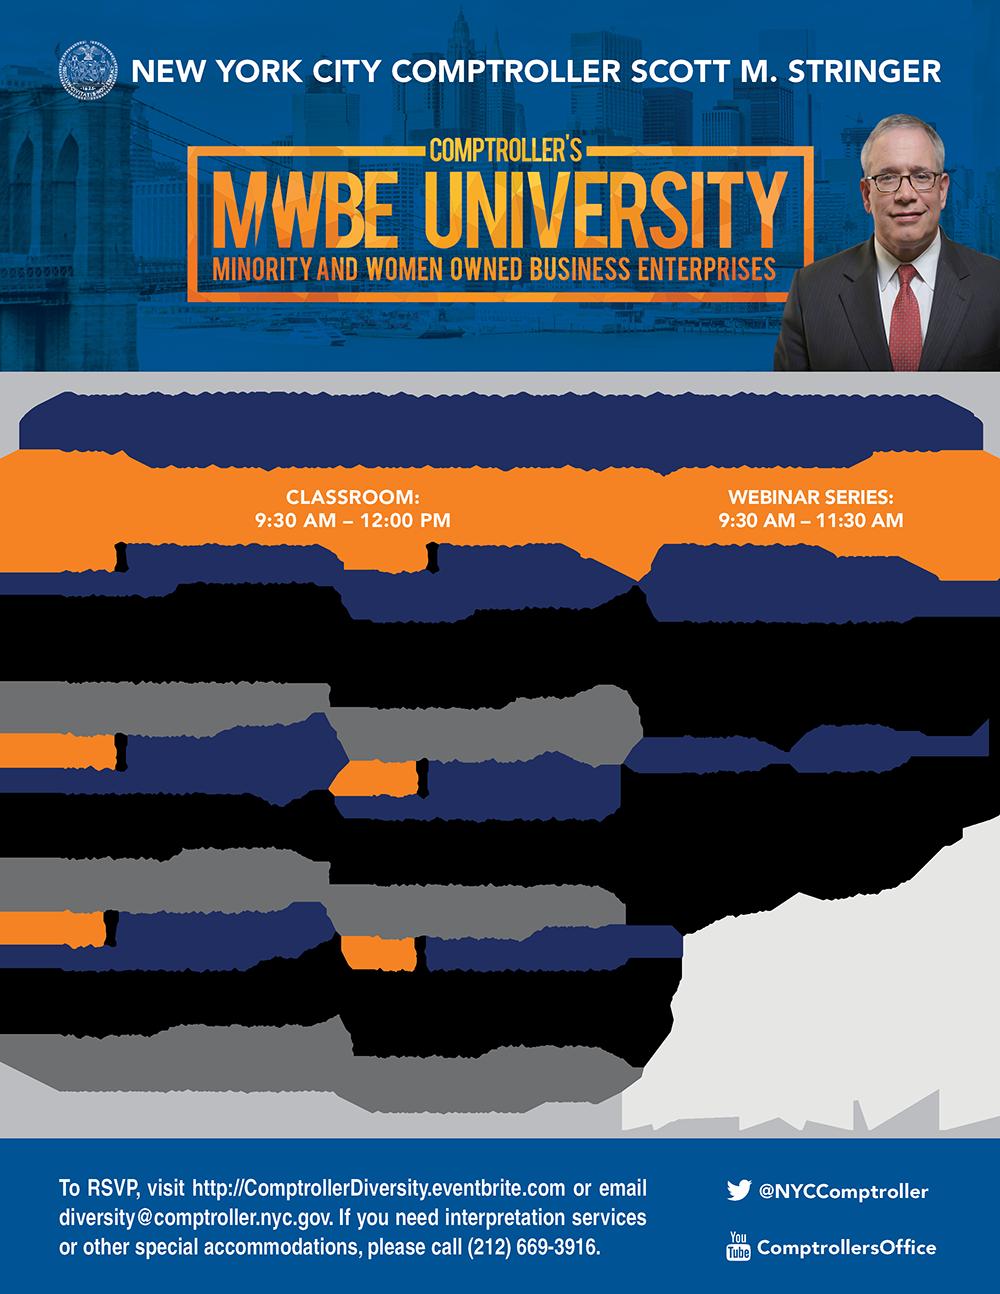 MWBE 2019 Schedule